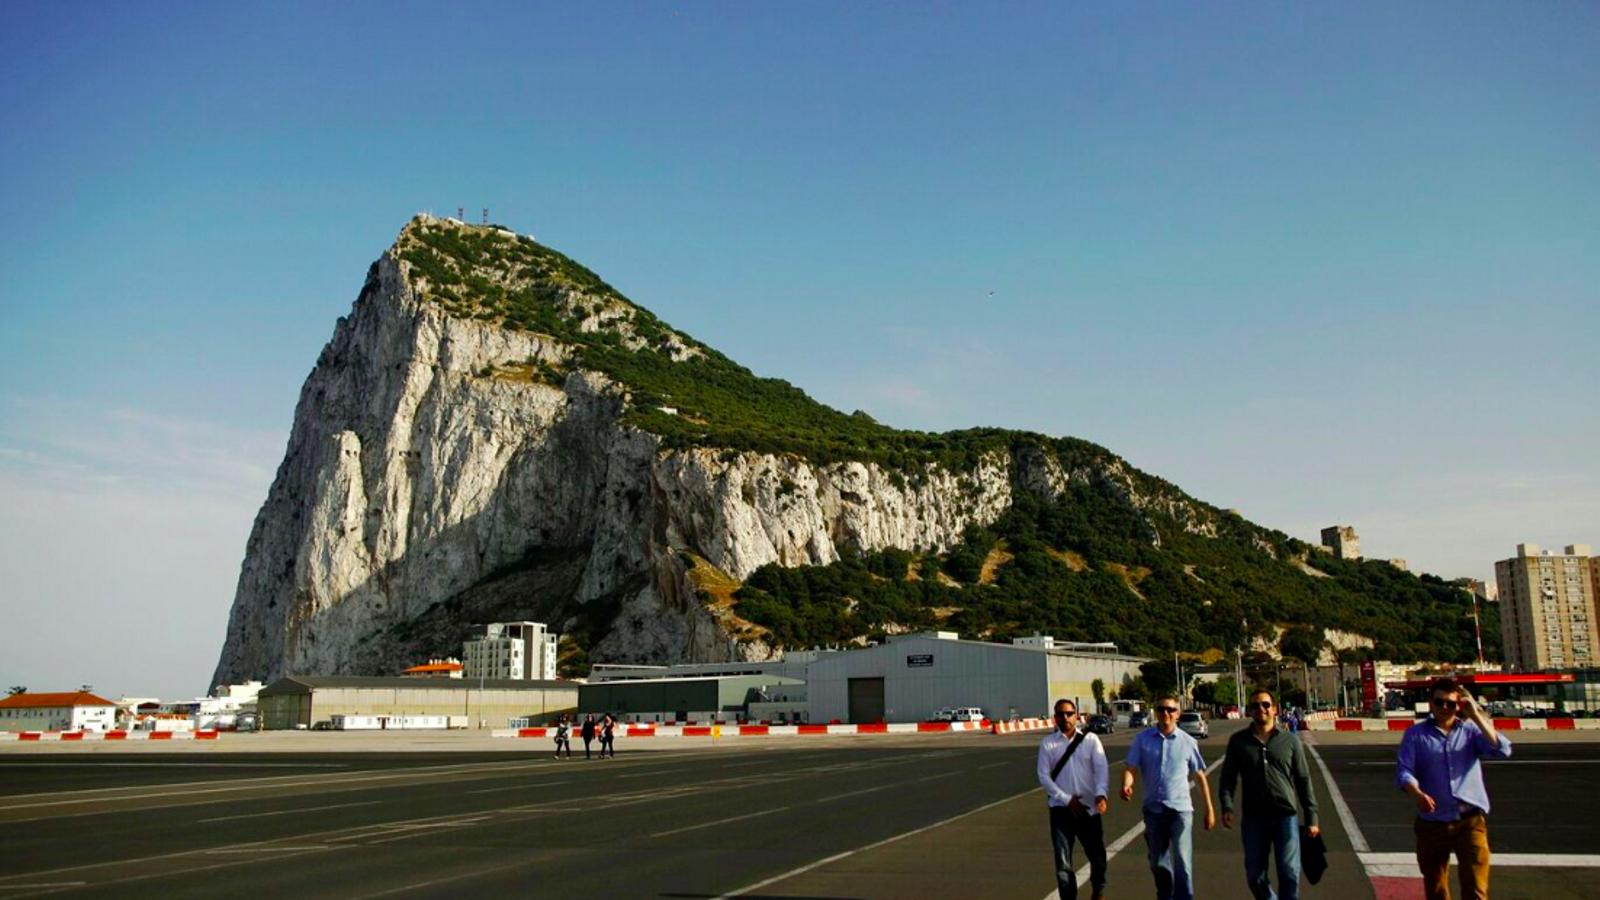 Una imatge d'arxiu del penyal de Gibraltar, enclau britànic a la penísula Ibèrica